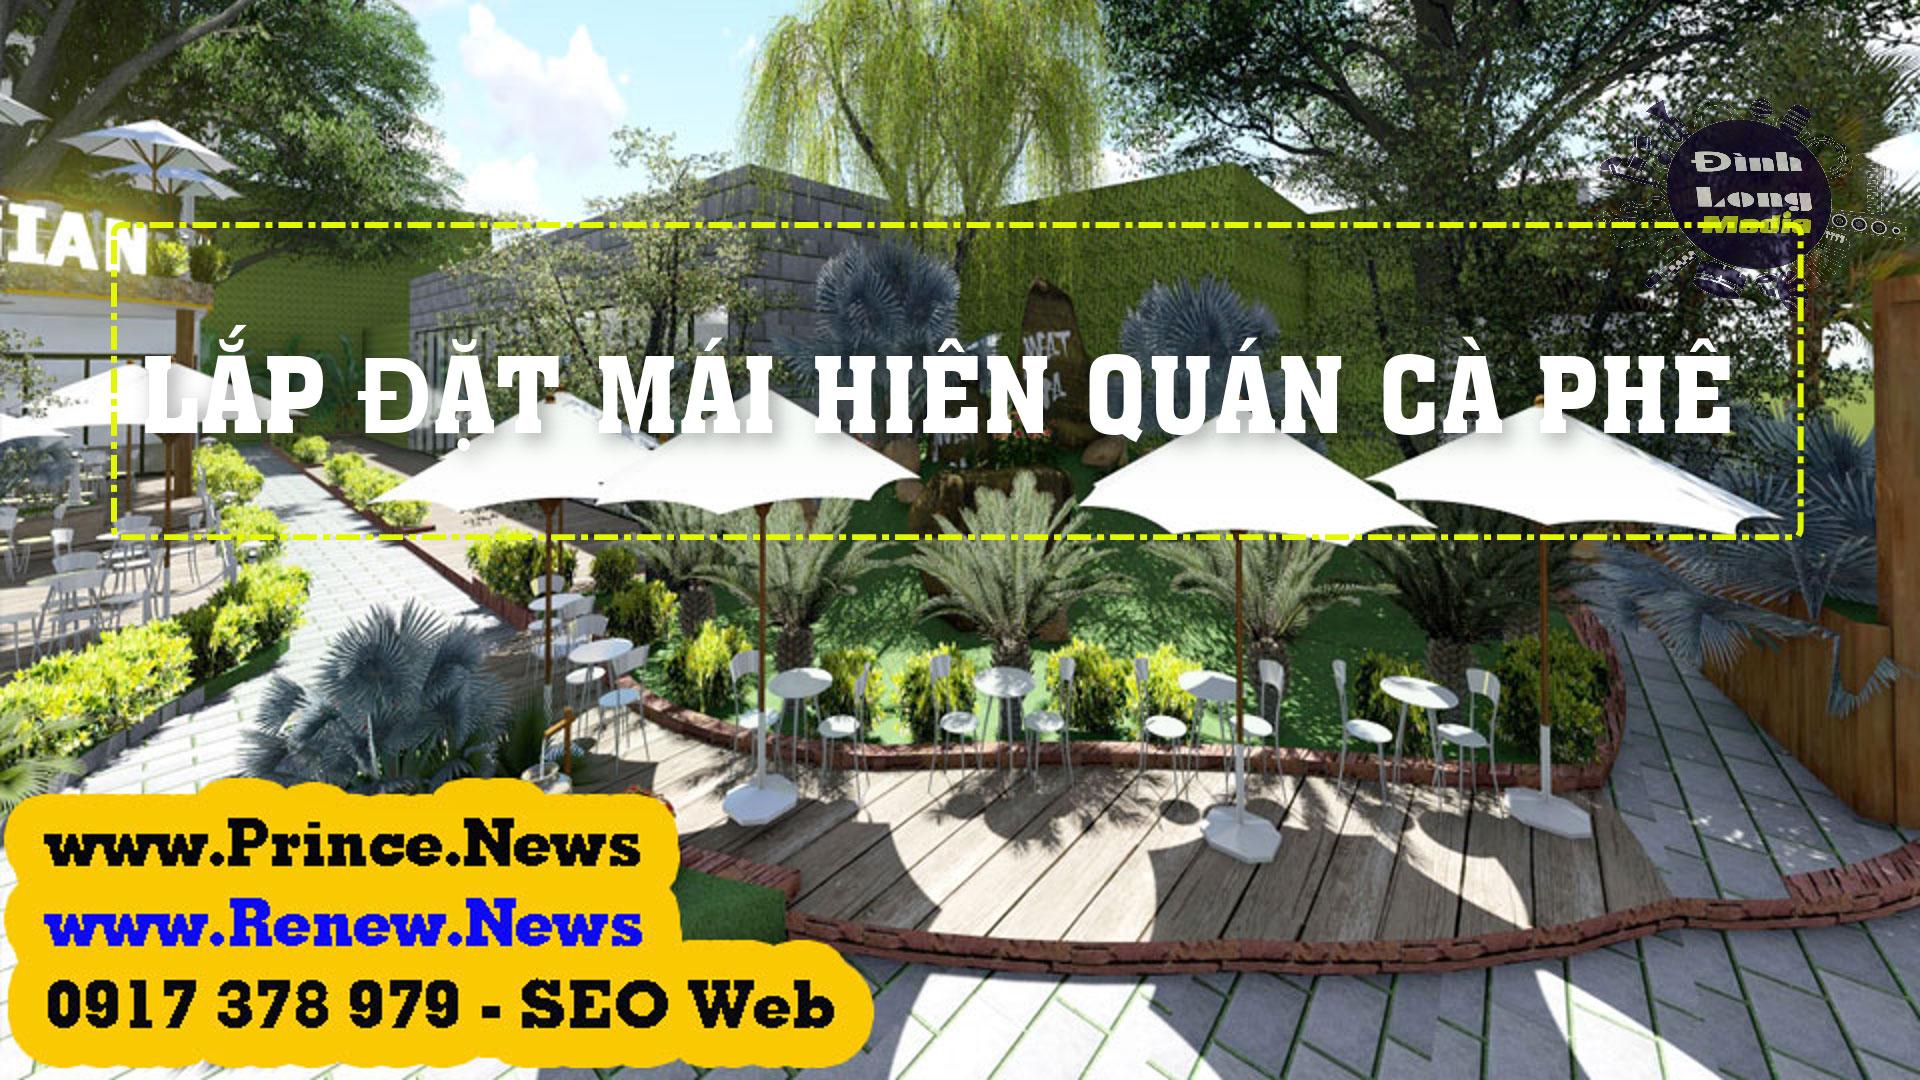 Báo giá thiết kế các mẫu mái che quán cafe sân vườn đẹp